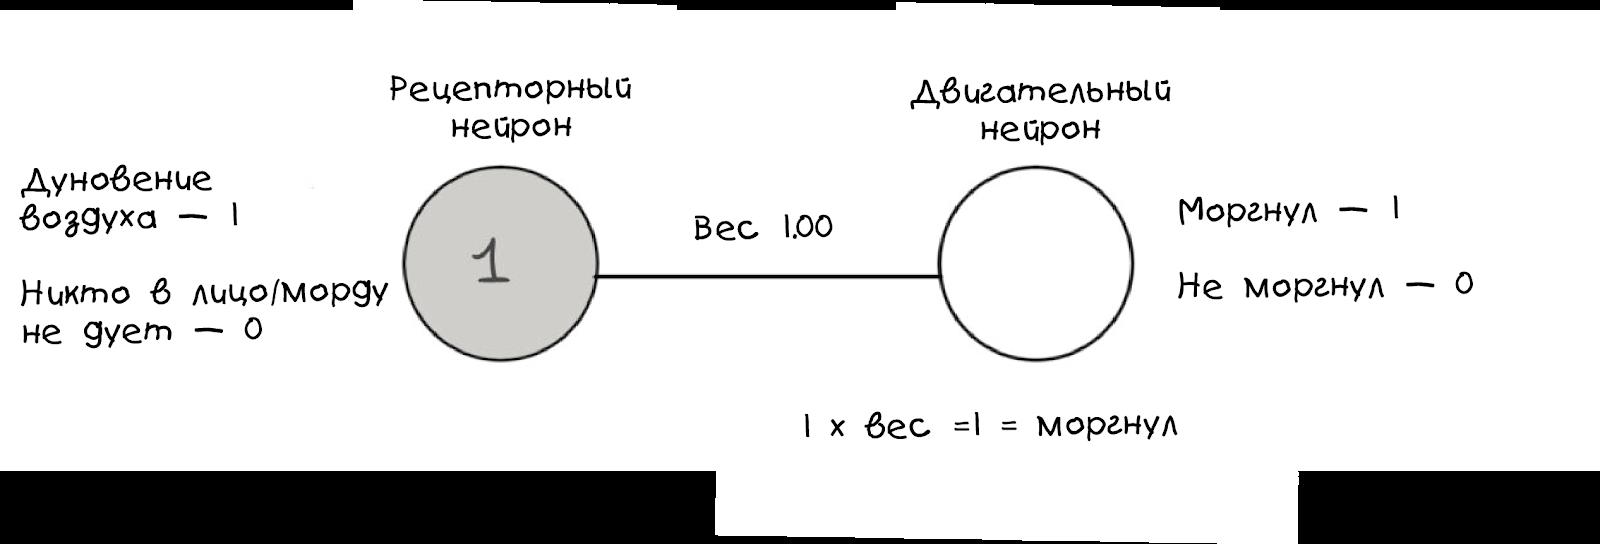 Создаём простую нейросеть - 12